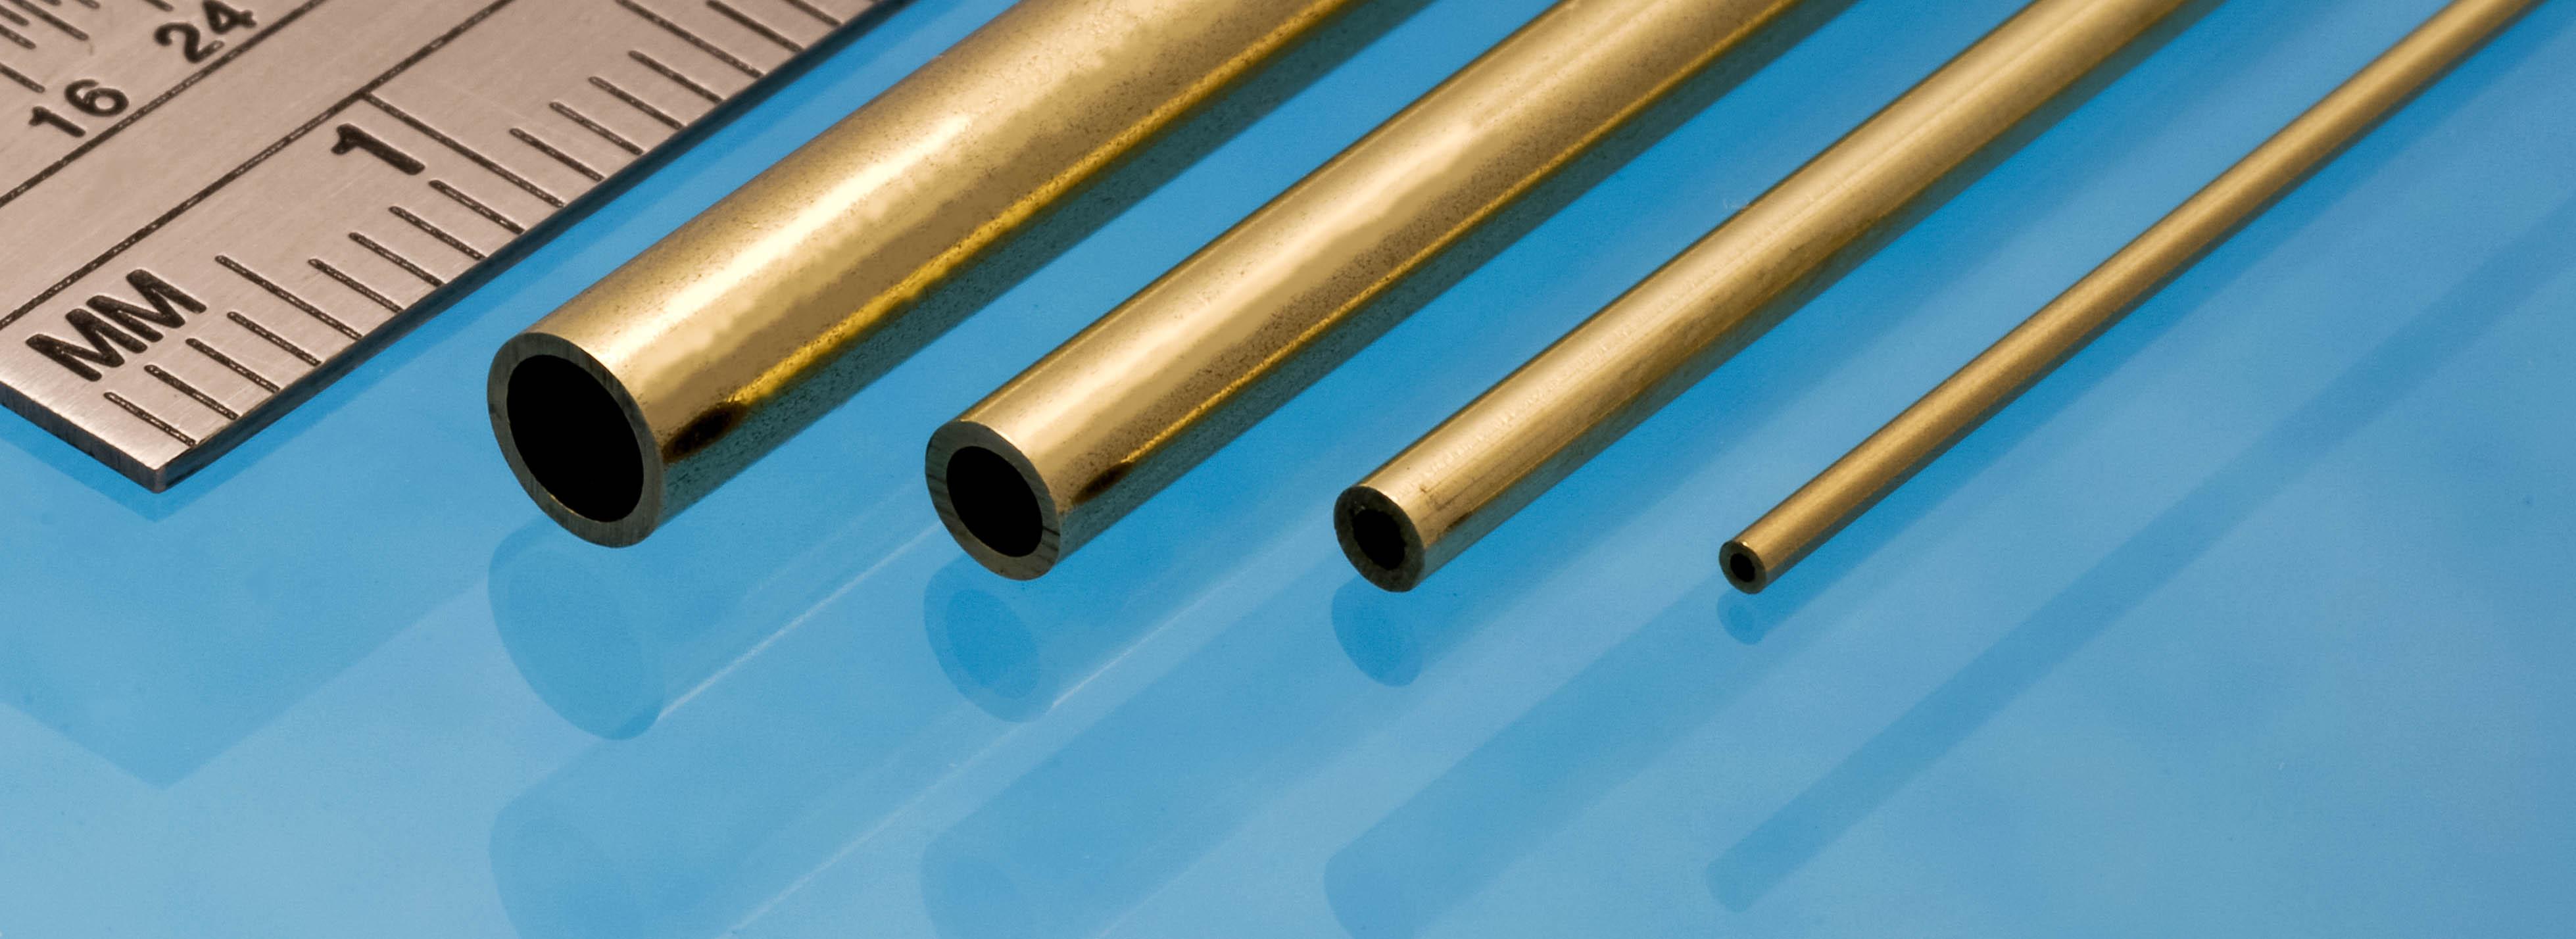 Brass Tube -1